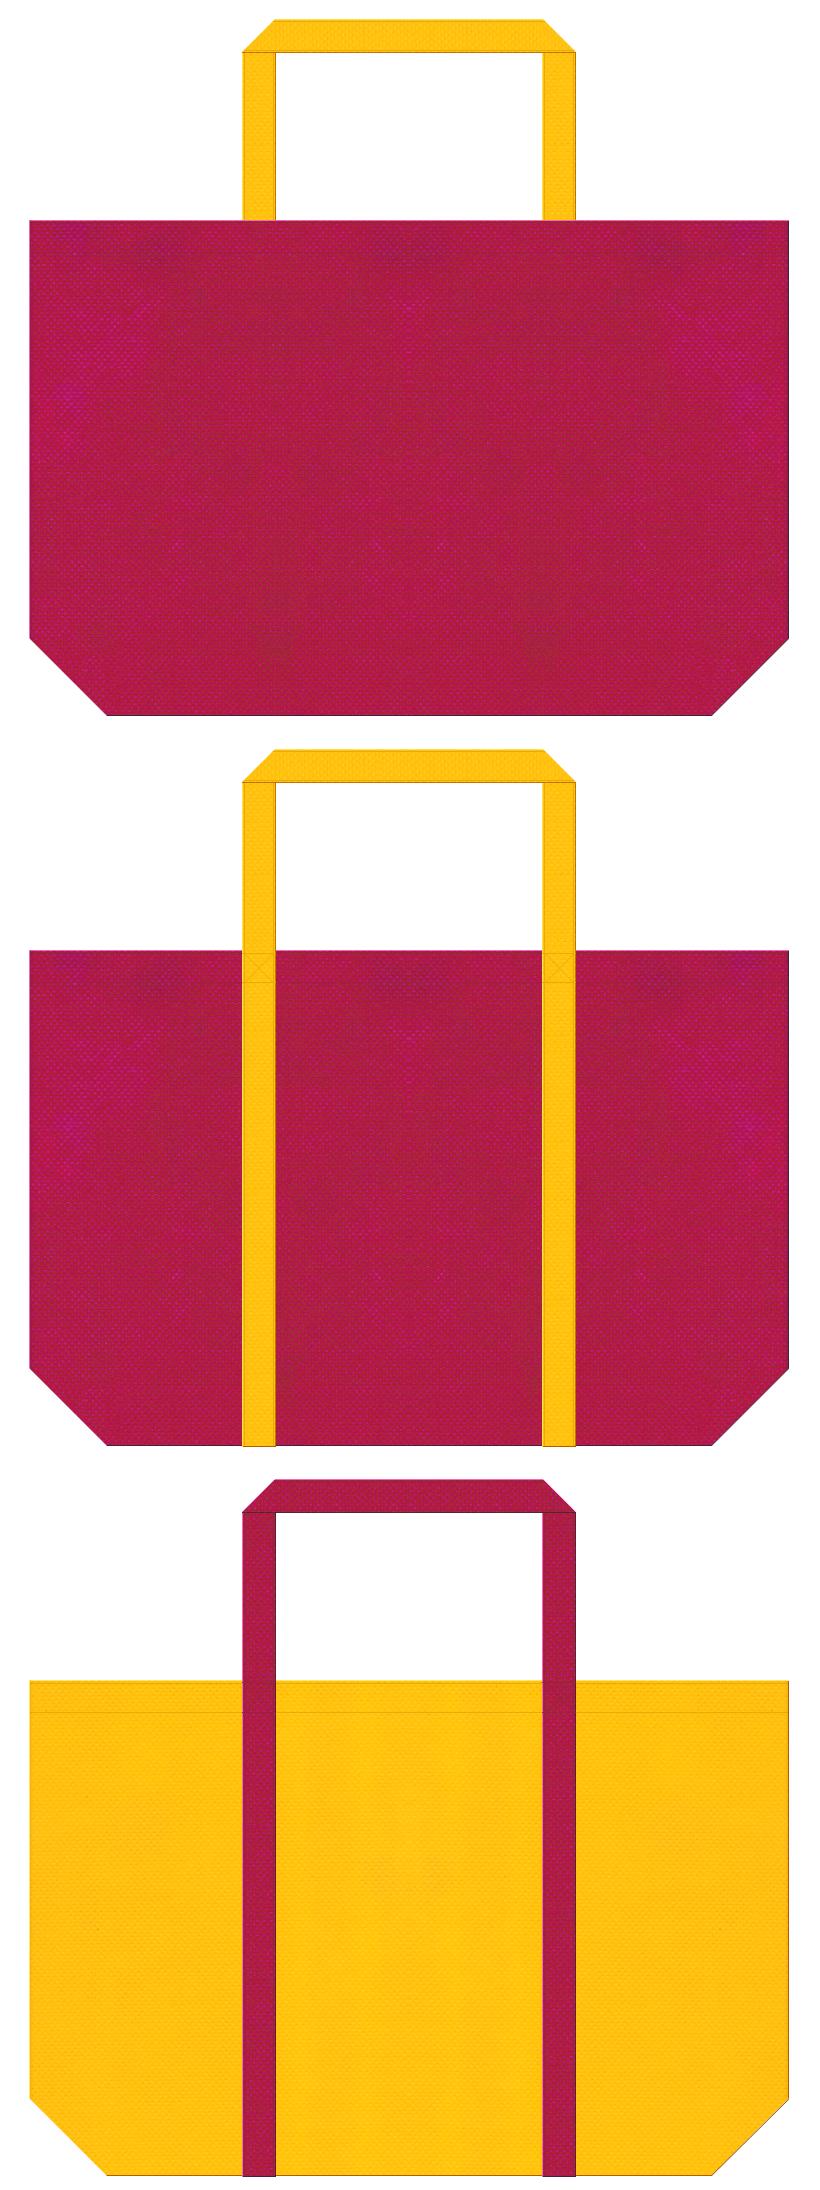 通園バッグ・レッスンバッグ・フラワーパーク・さつまいも・観光・南国リゾート・トロピカル・テーマパーク・お姫様・ピエロ・サーカス・ゲーム・おもちゃ・キッズイベント・スポーツバッグにお奨めの不織布バッグデザイン:濃いピンク色と黄色のコーデ